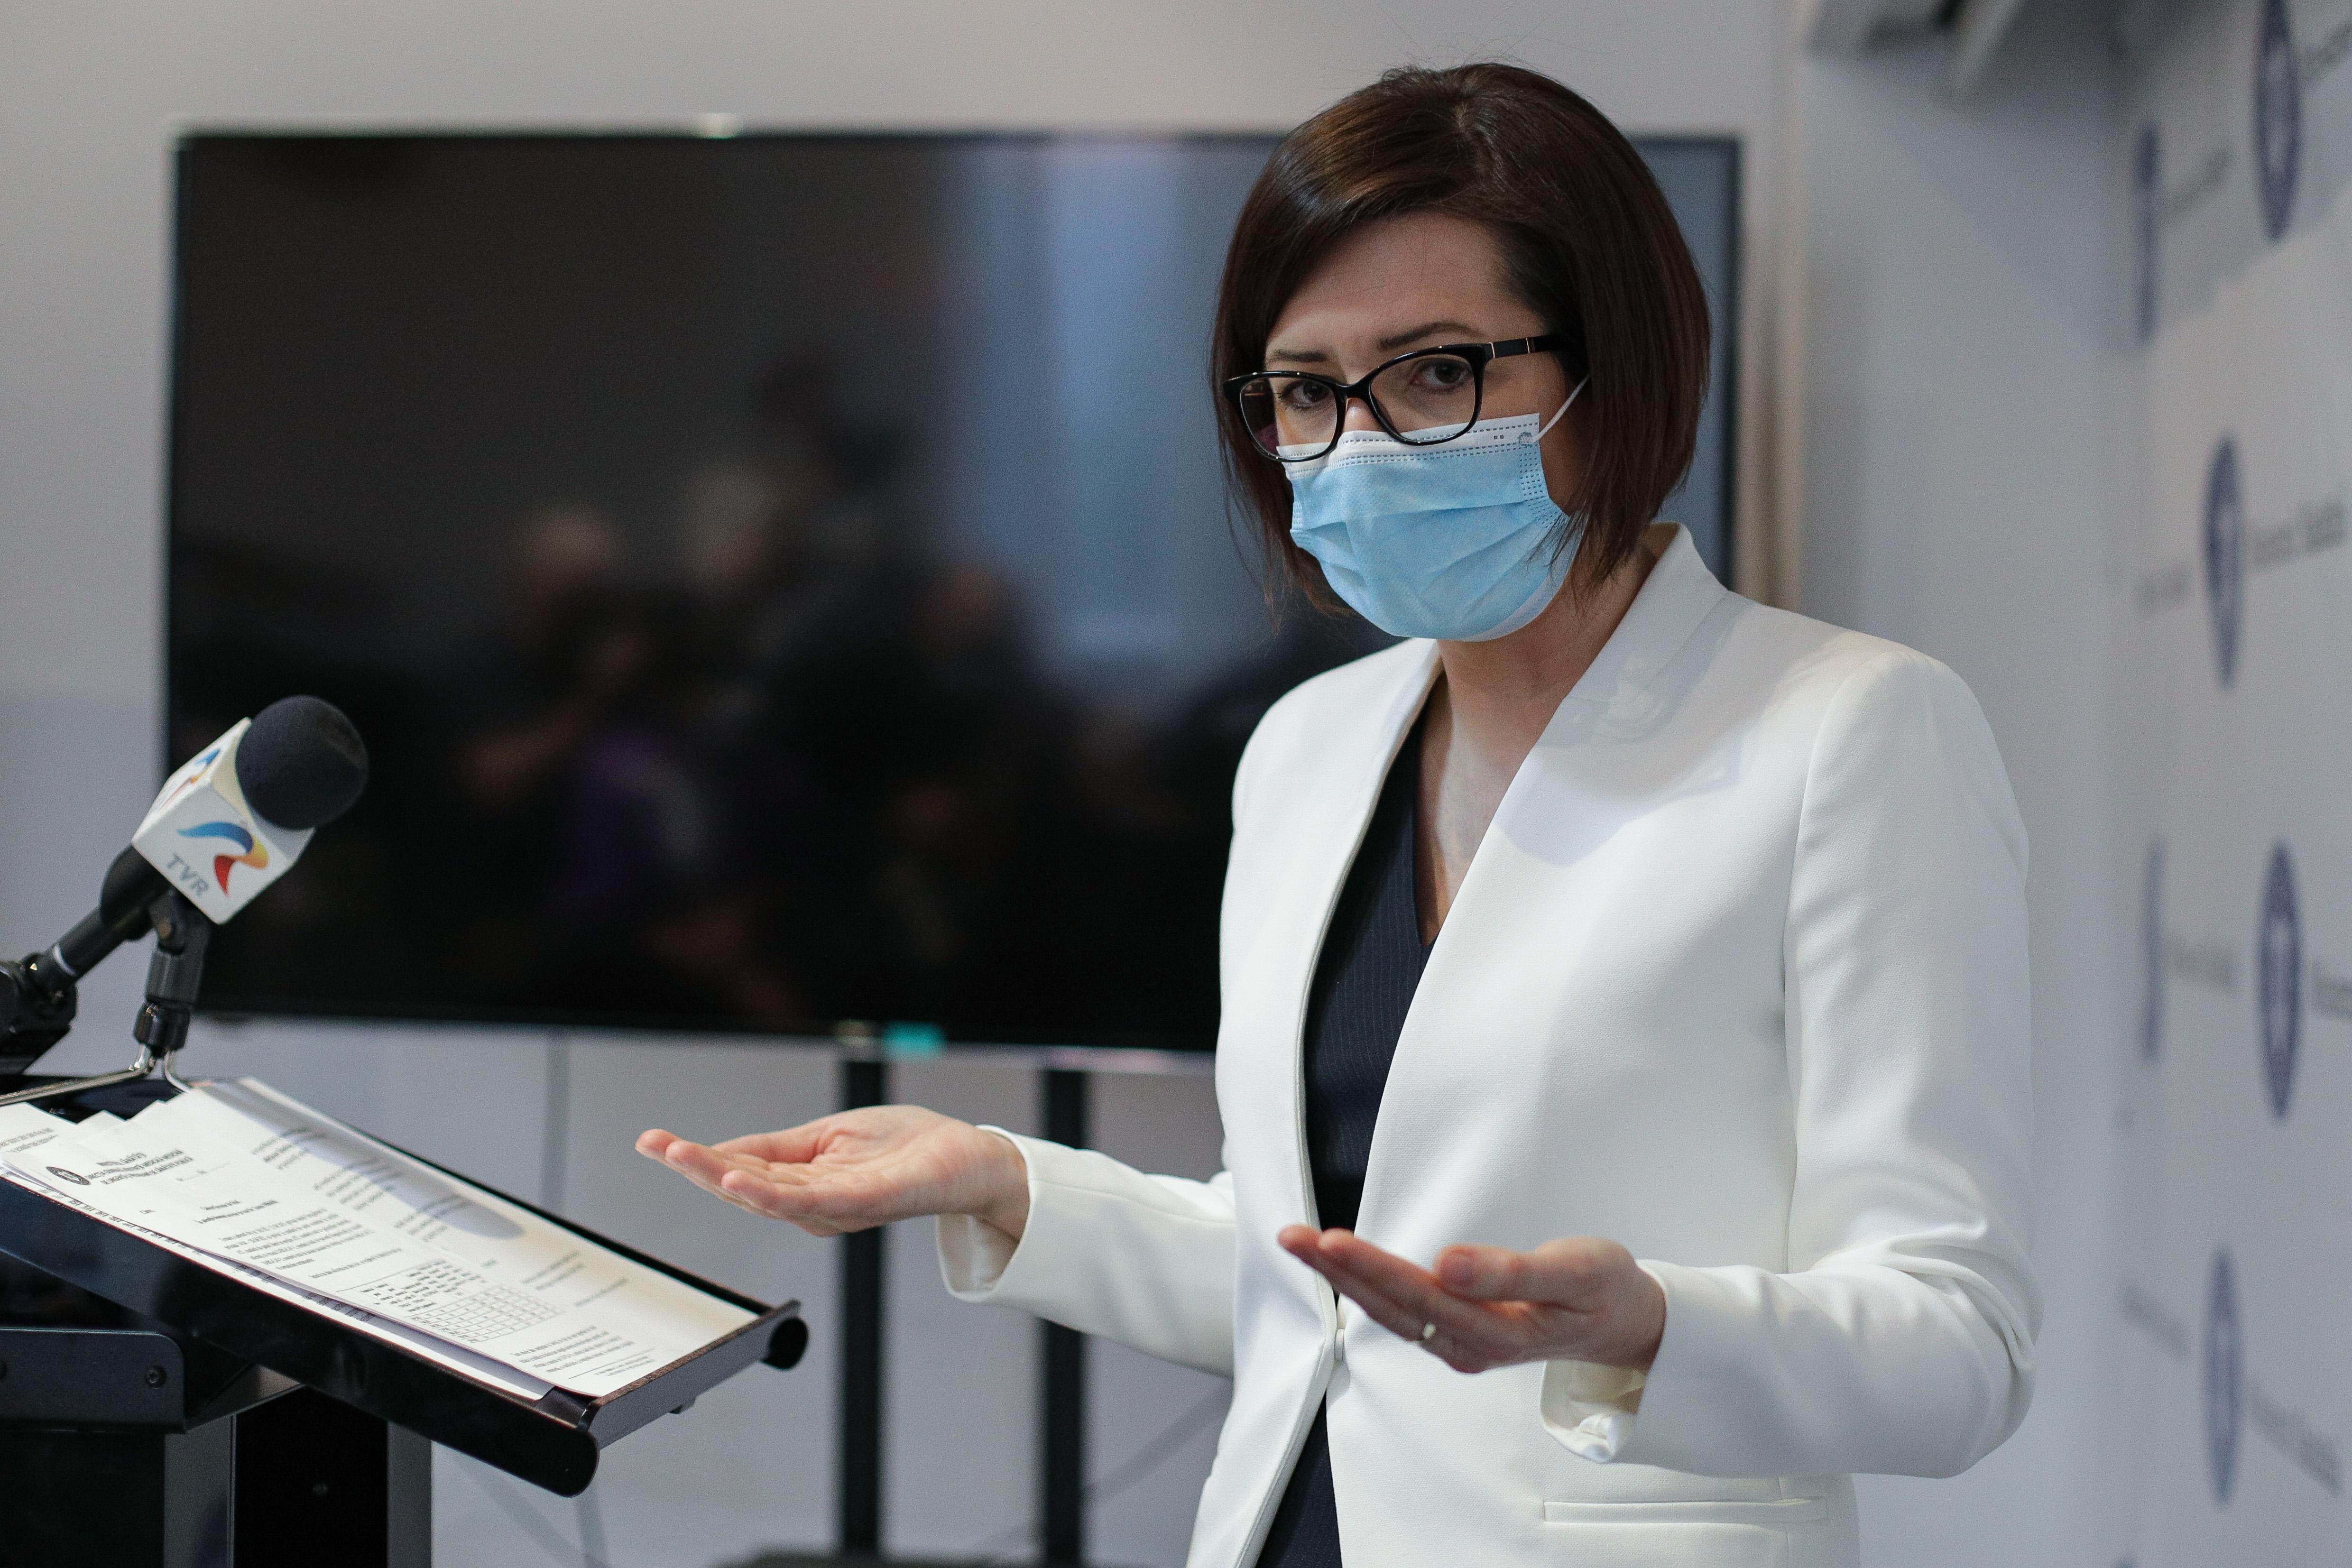 Ioana Mihăilă: Tombole și loterii pentru vaccinați, interzicerea persoanelor nevaccinate în weekend în spaţiile publice neesenţiale